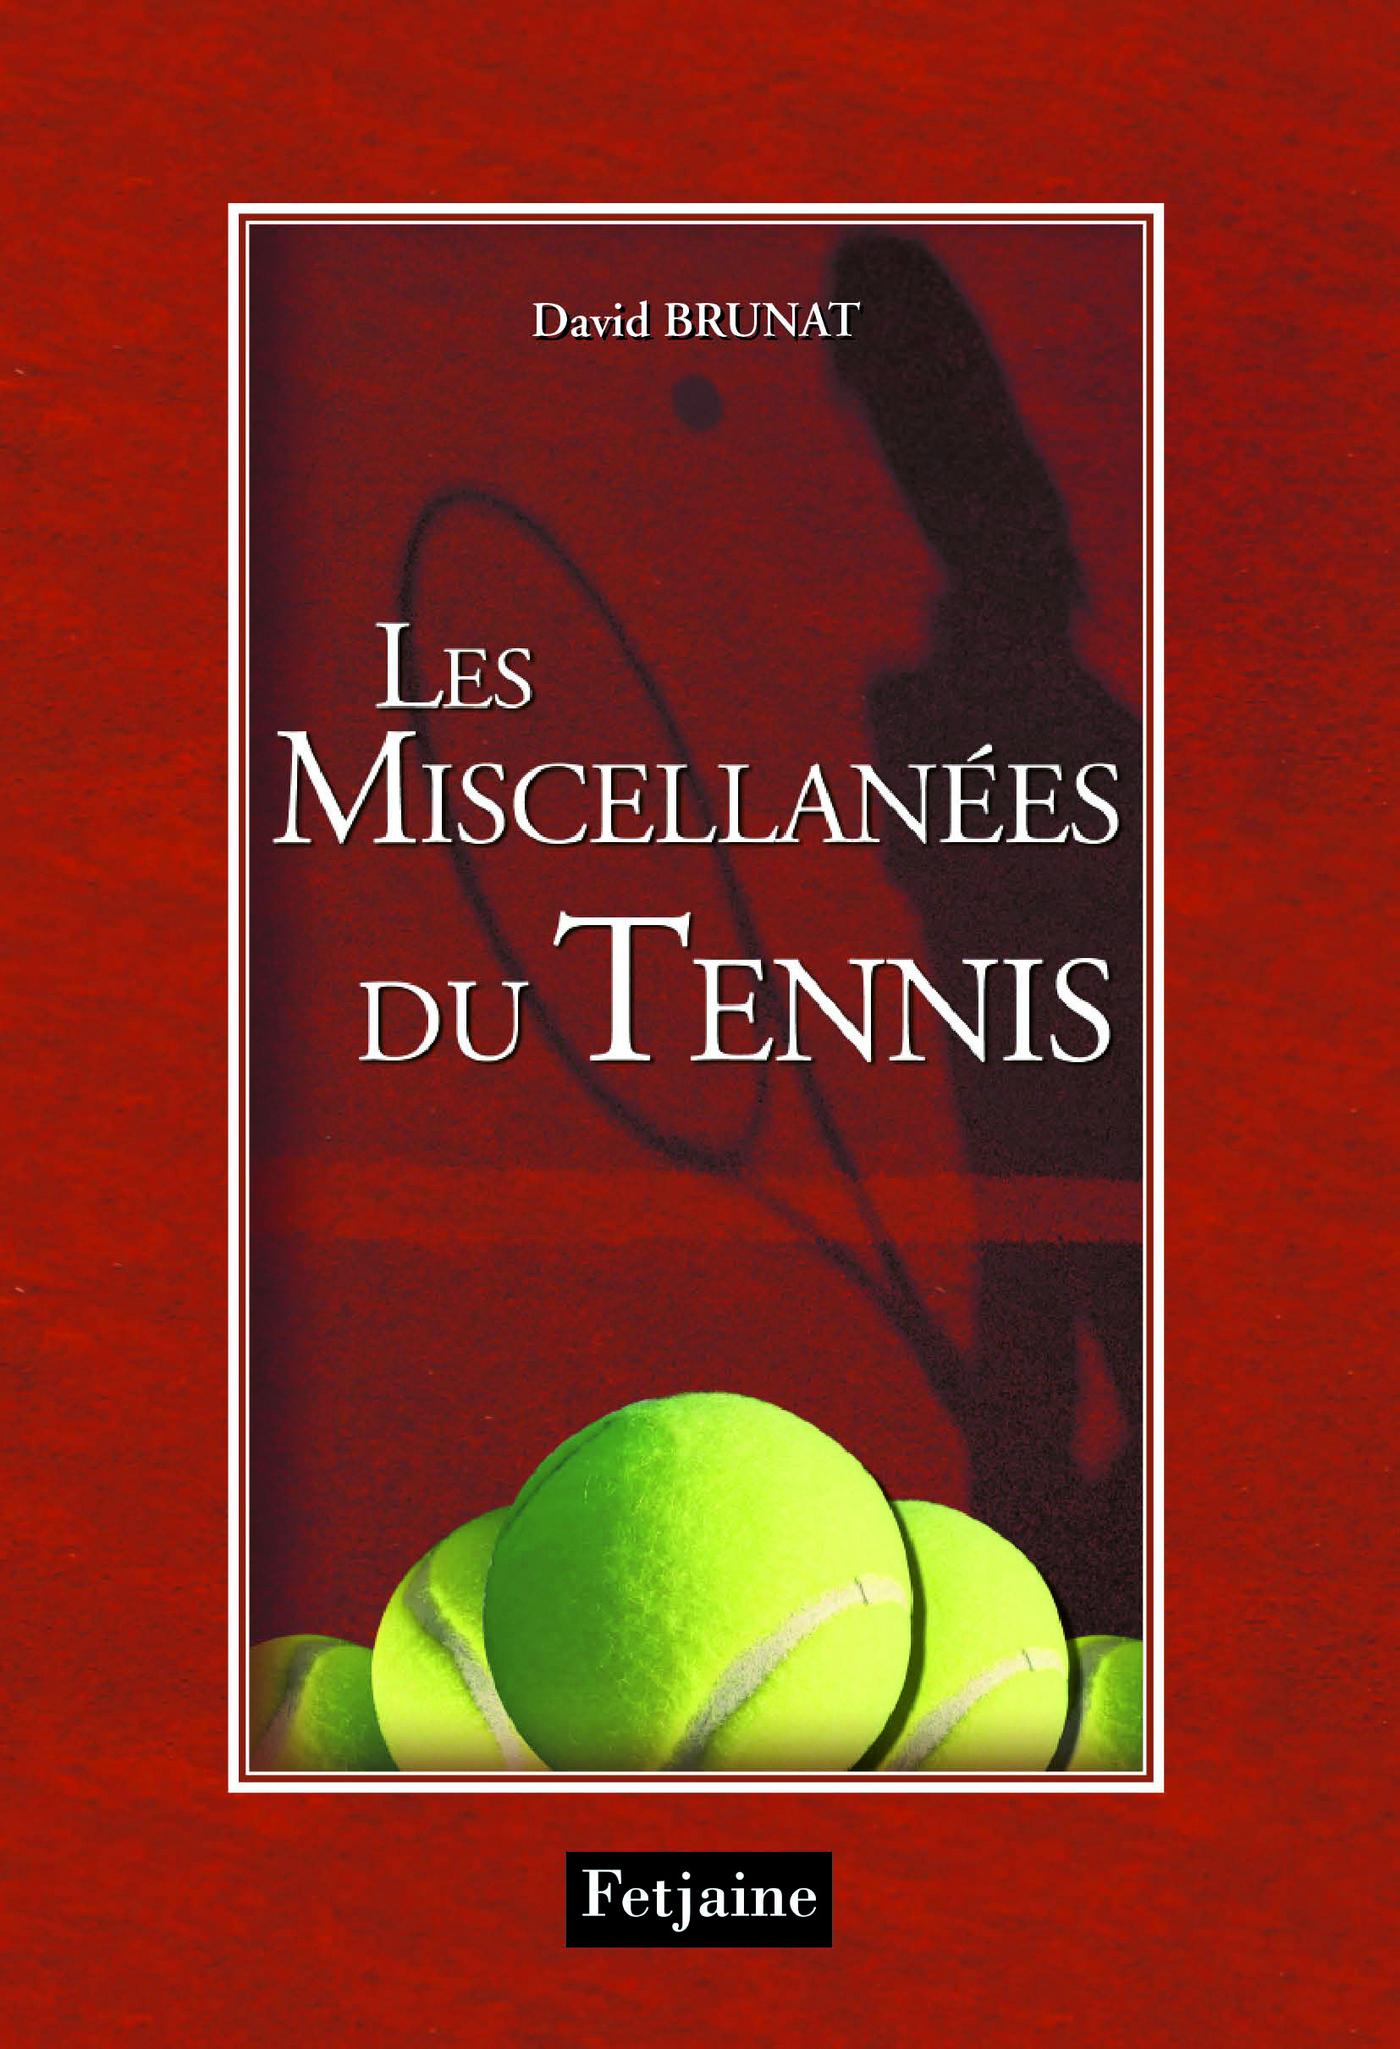 Les Miscellanées du tennis